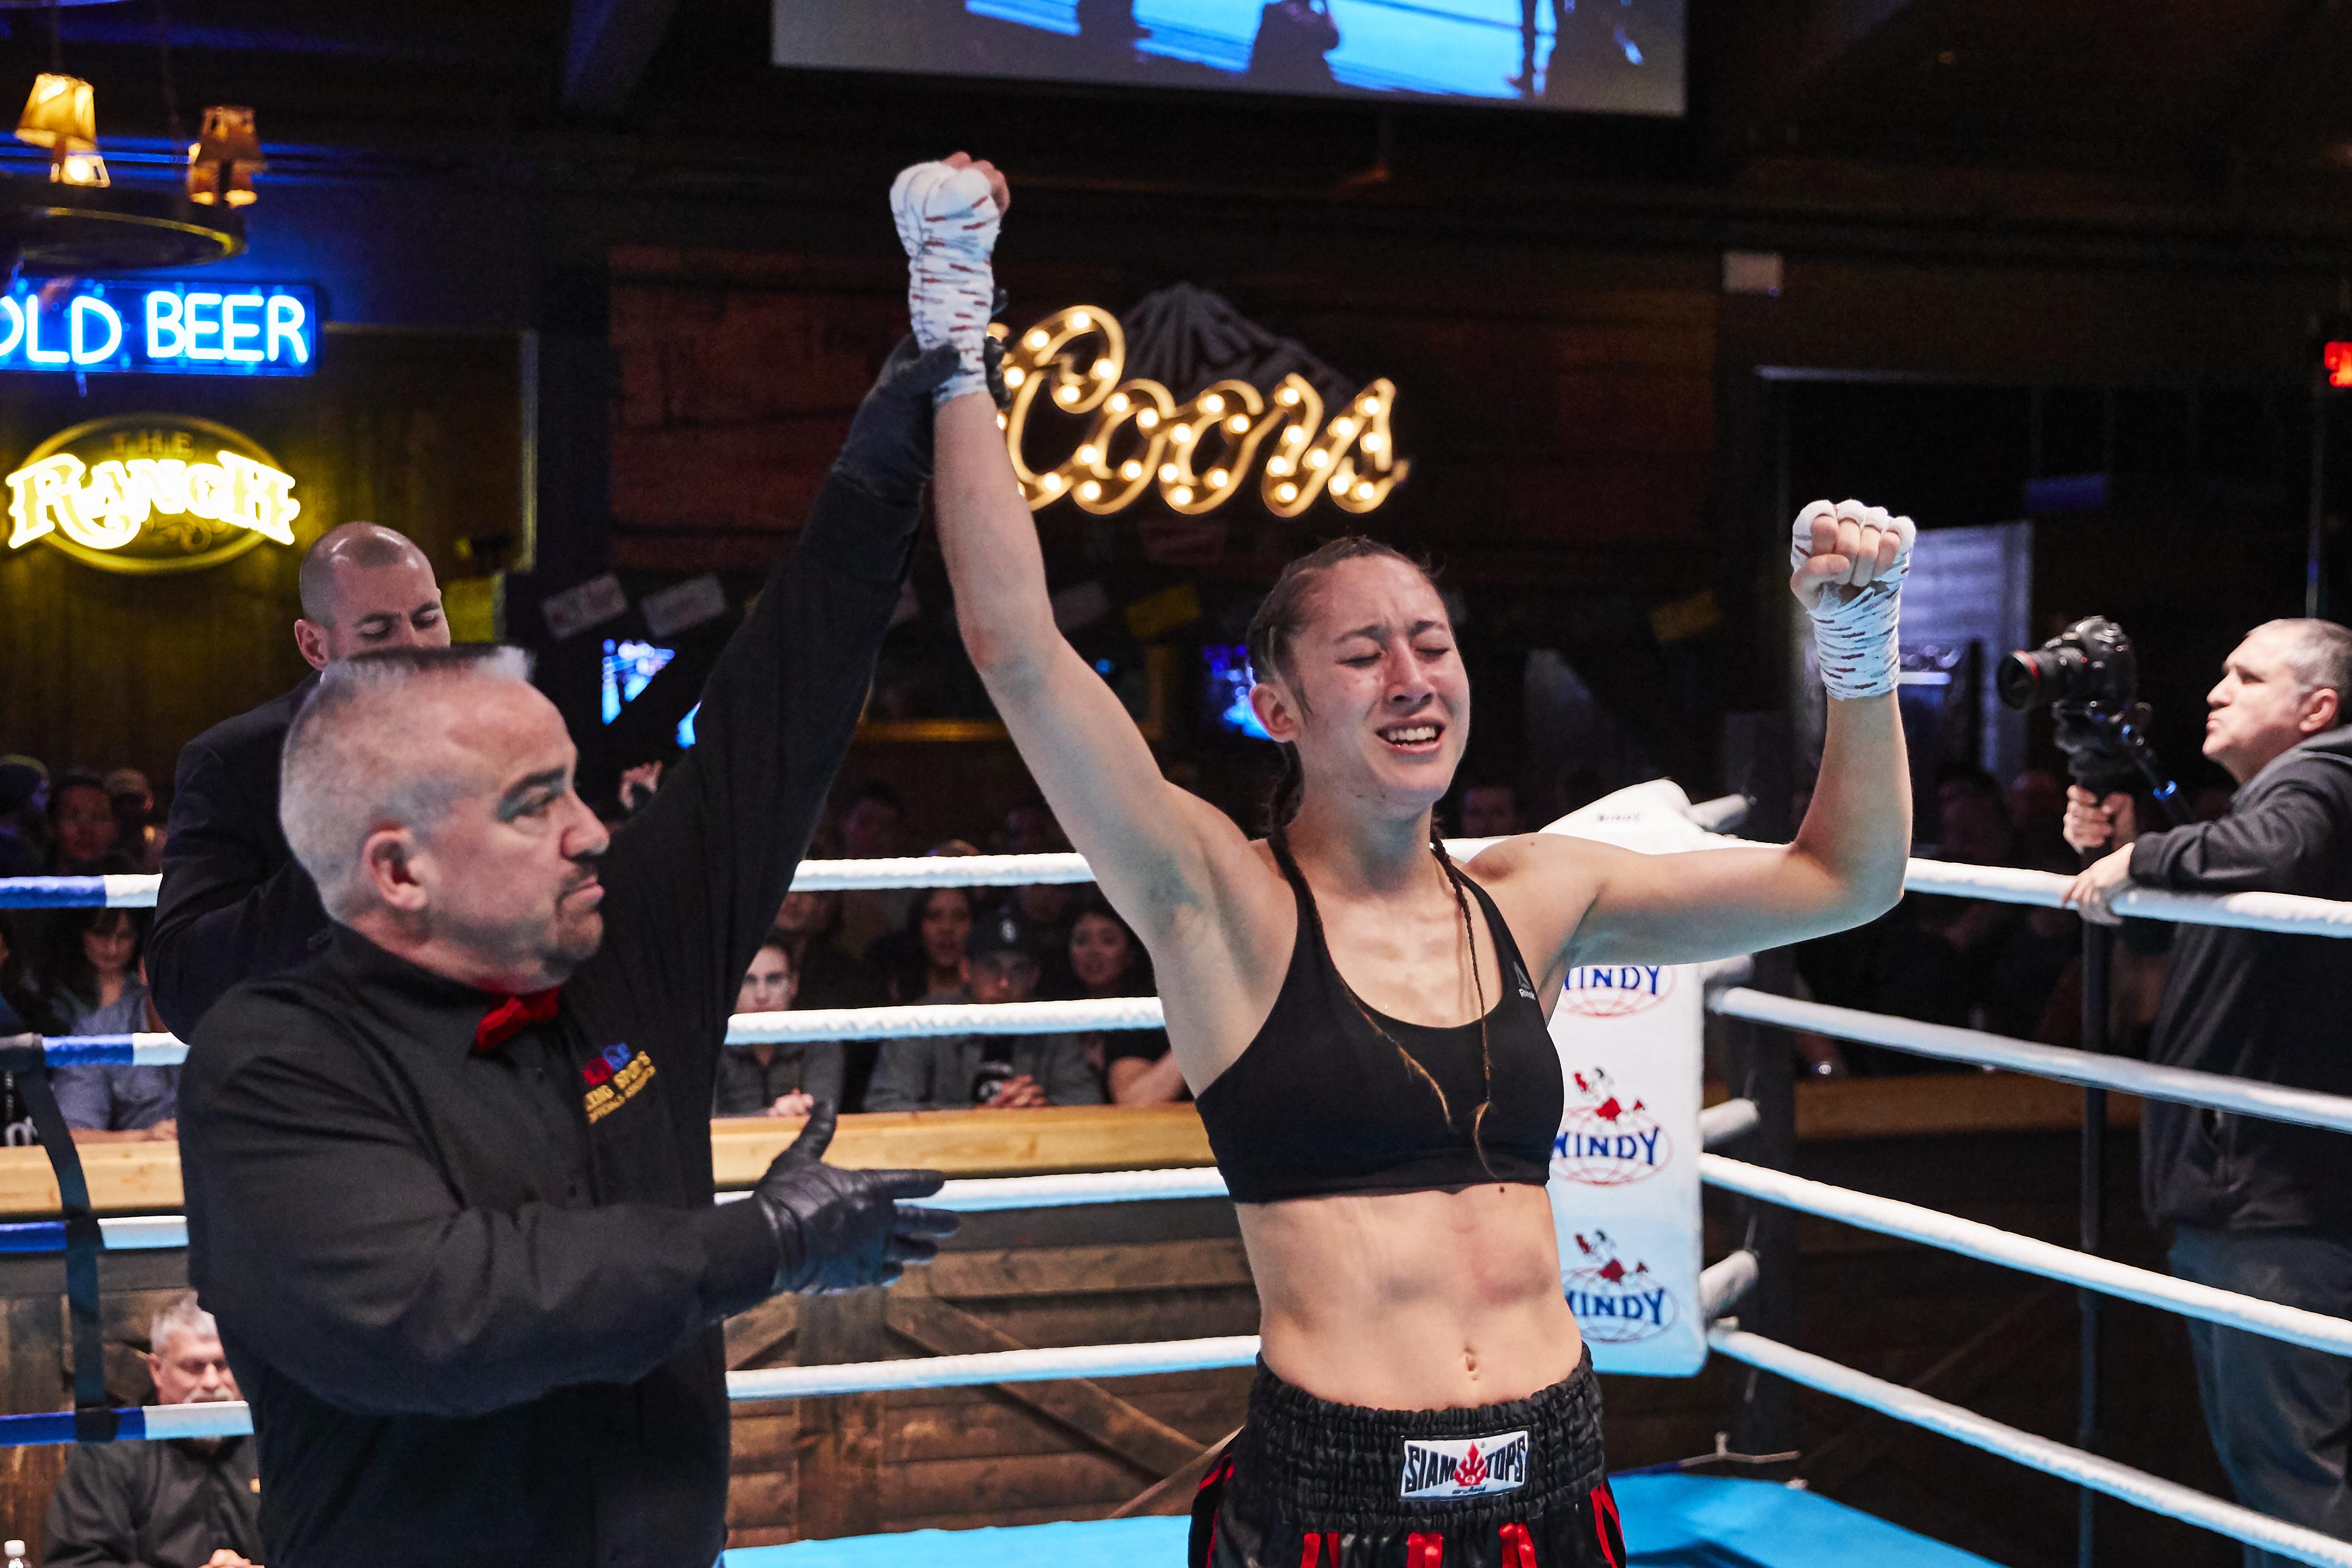 Jordan Dobbie vs Sara Caccioni 046